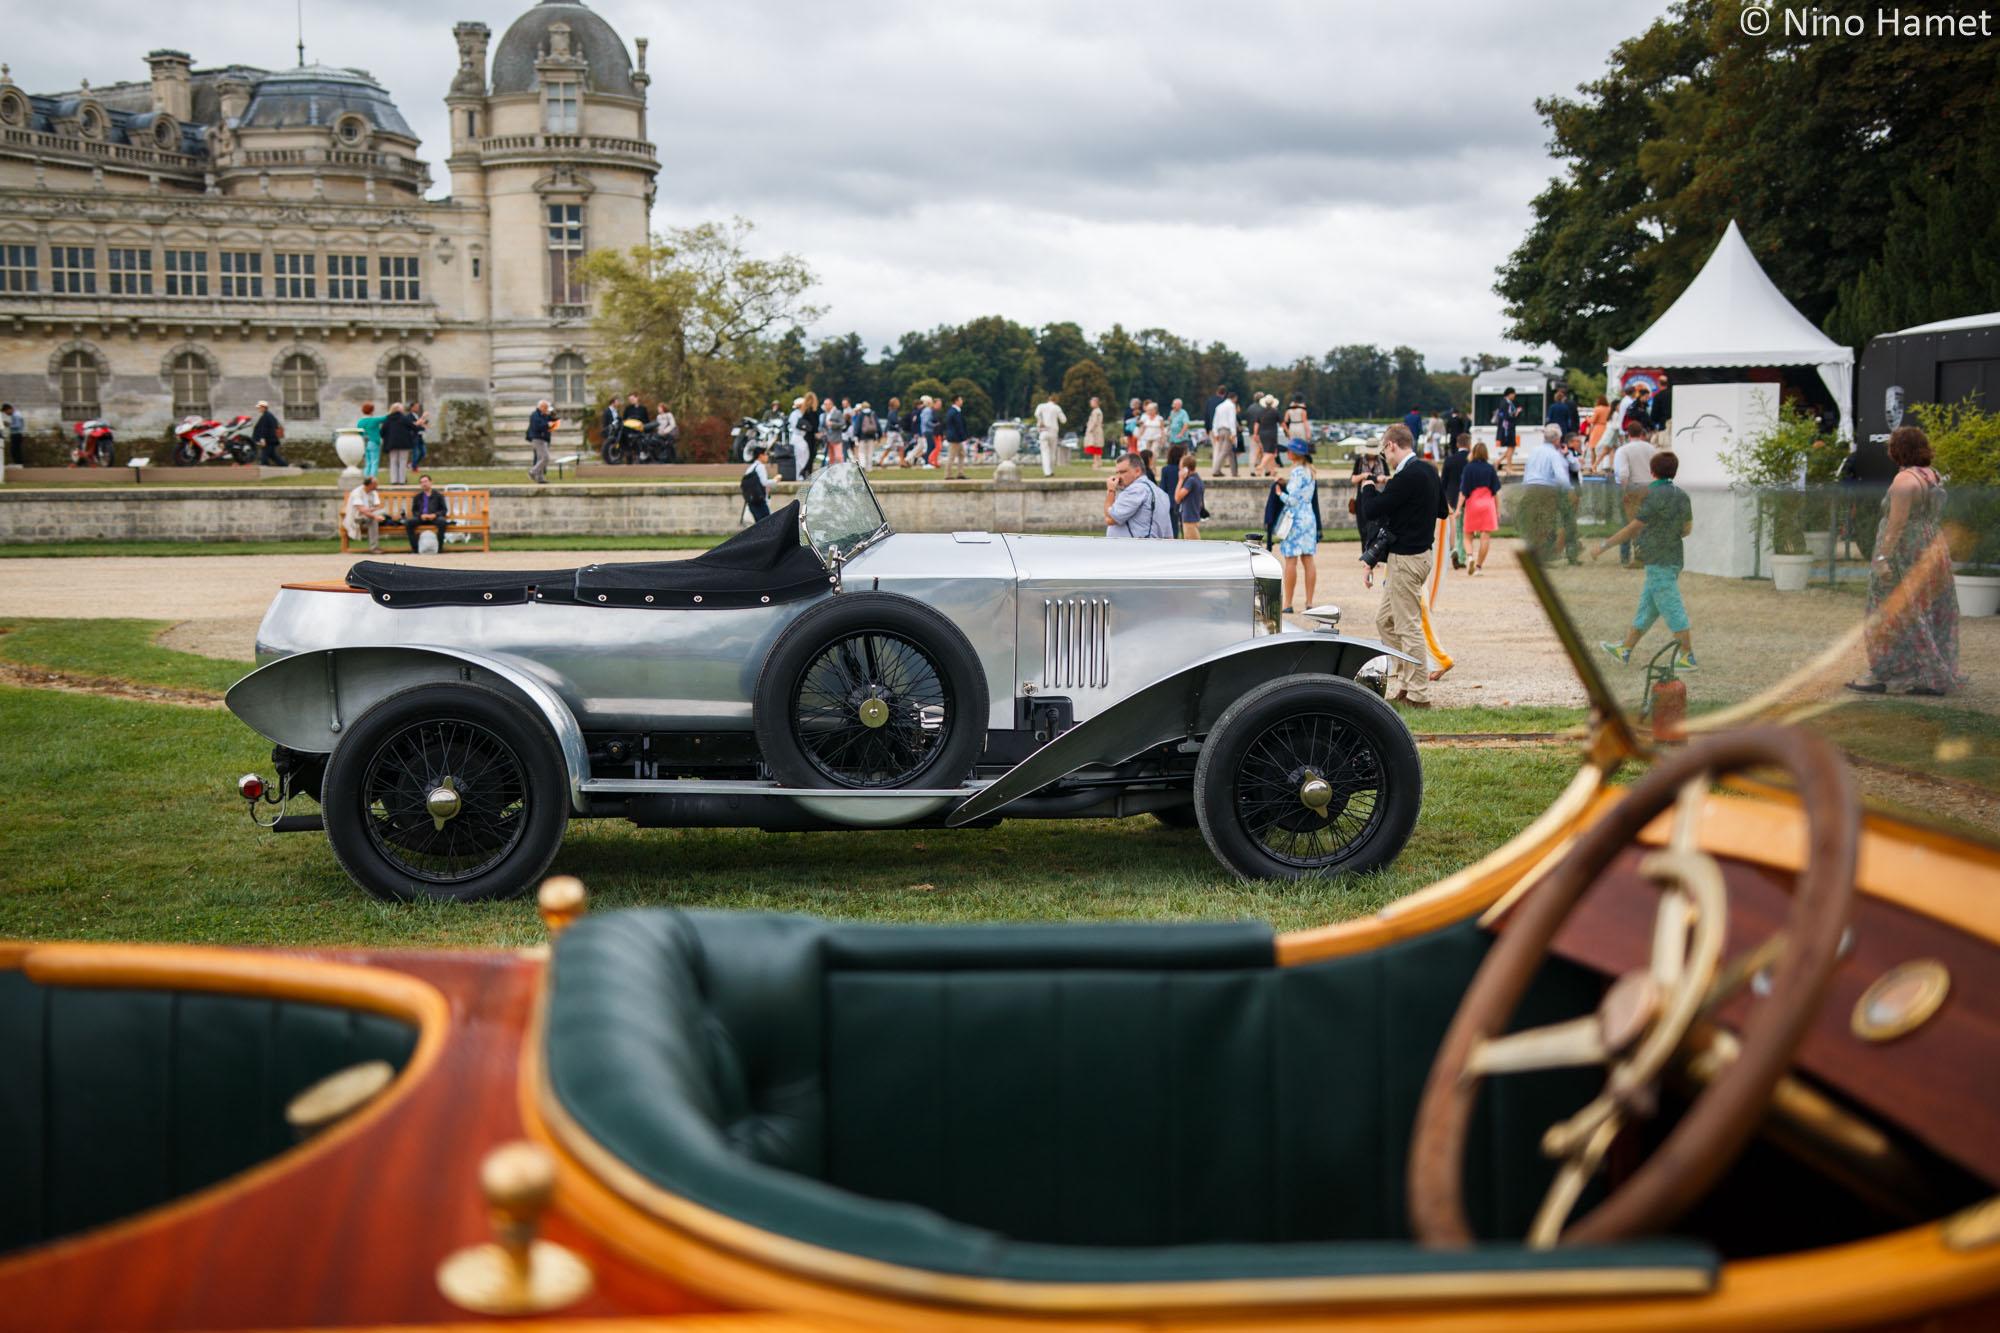 Les carrosseries atypiques (Bois, tissu, osier…), premier prix : Vauxhall 30/98 Wensum 1925